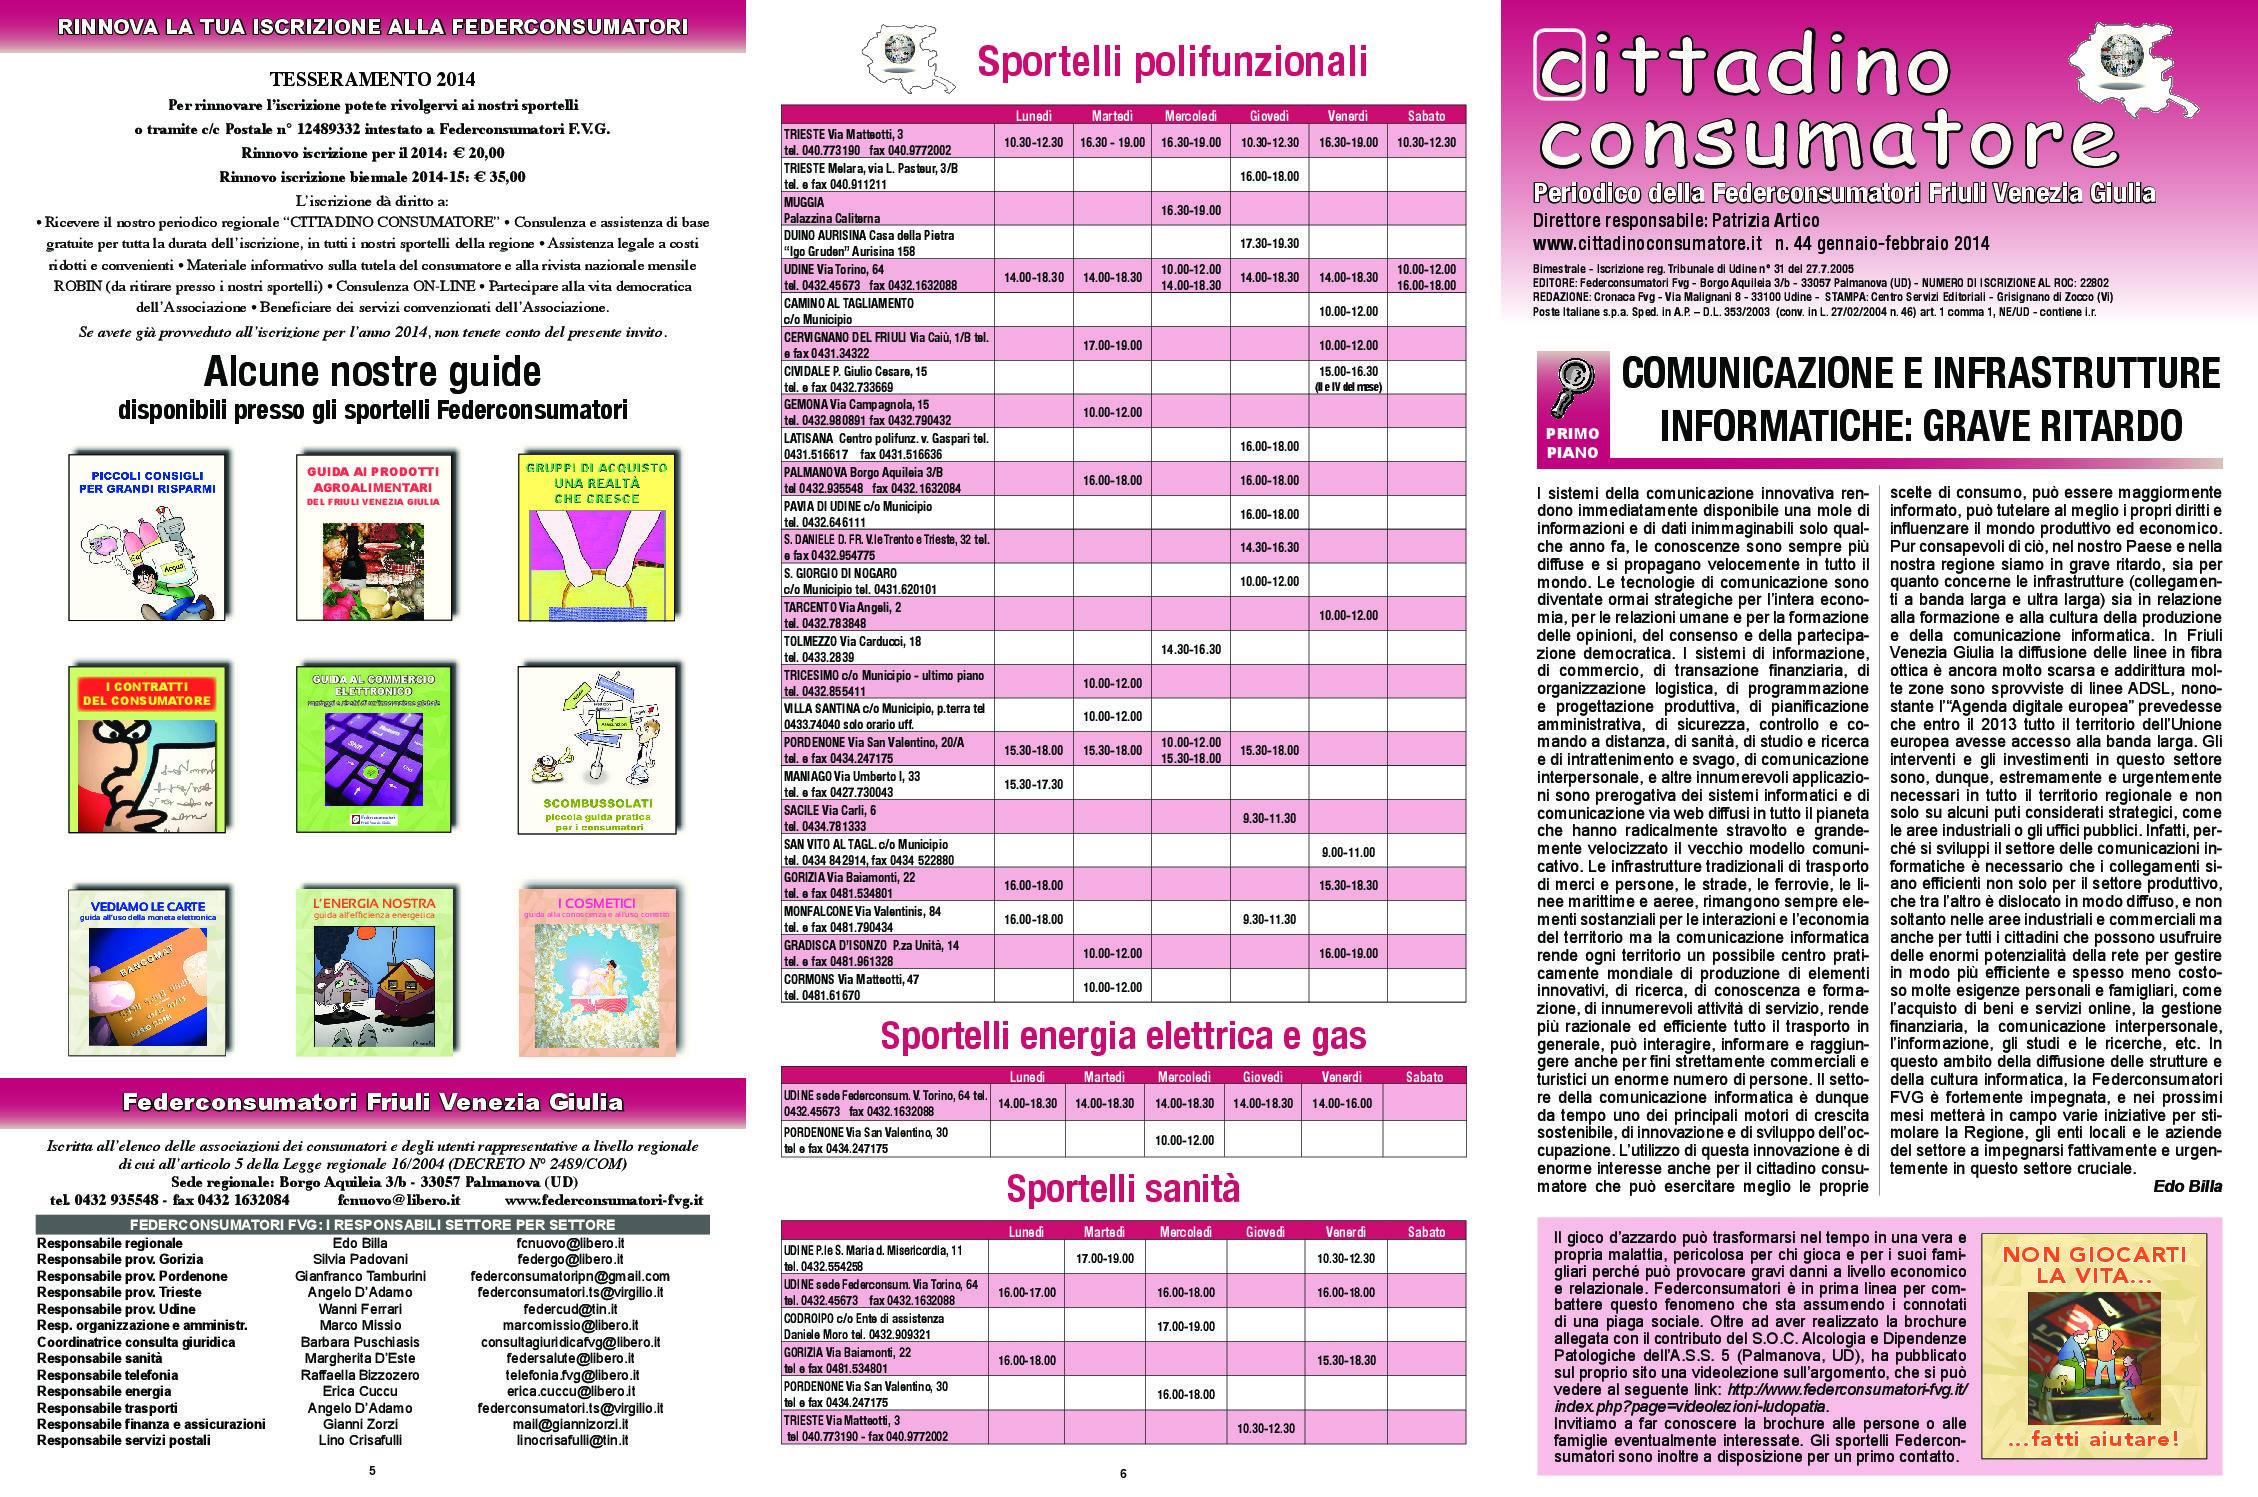 Cittadino Consumatore num. 44 (gen-feb. 2014)